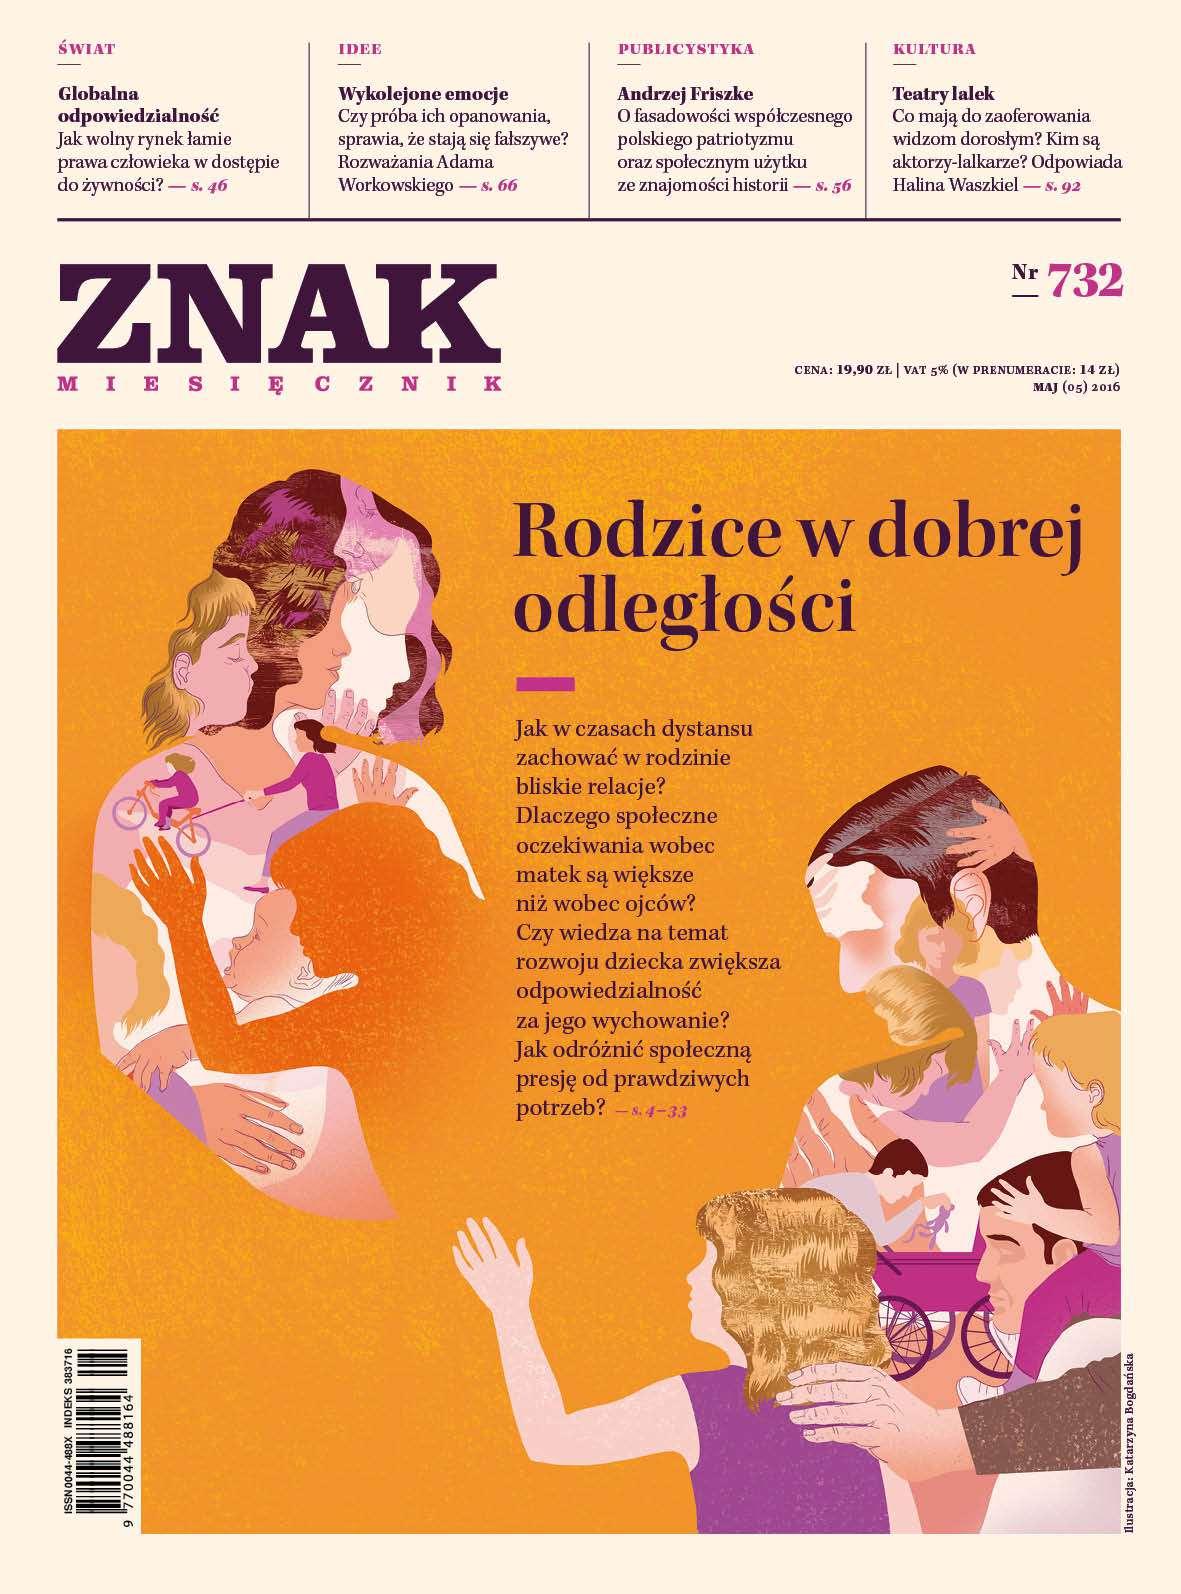 Miesięcznik Znak nr 732 - Rodzice w dobrej odległości - Ebook (Książka EPUB) do pobrania w formacie EPUB